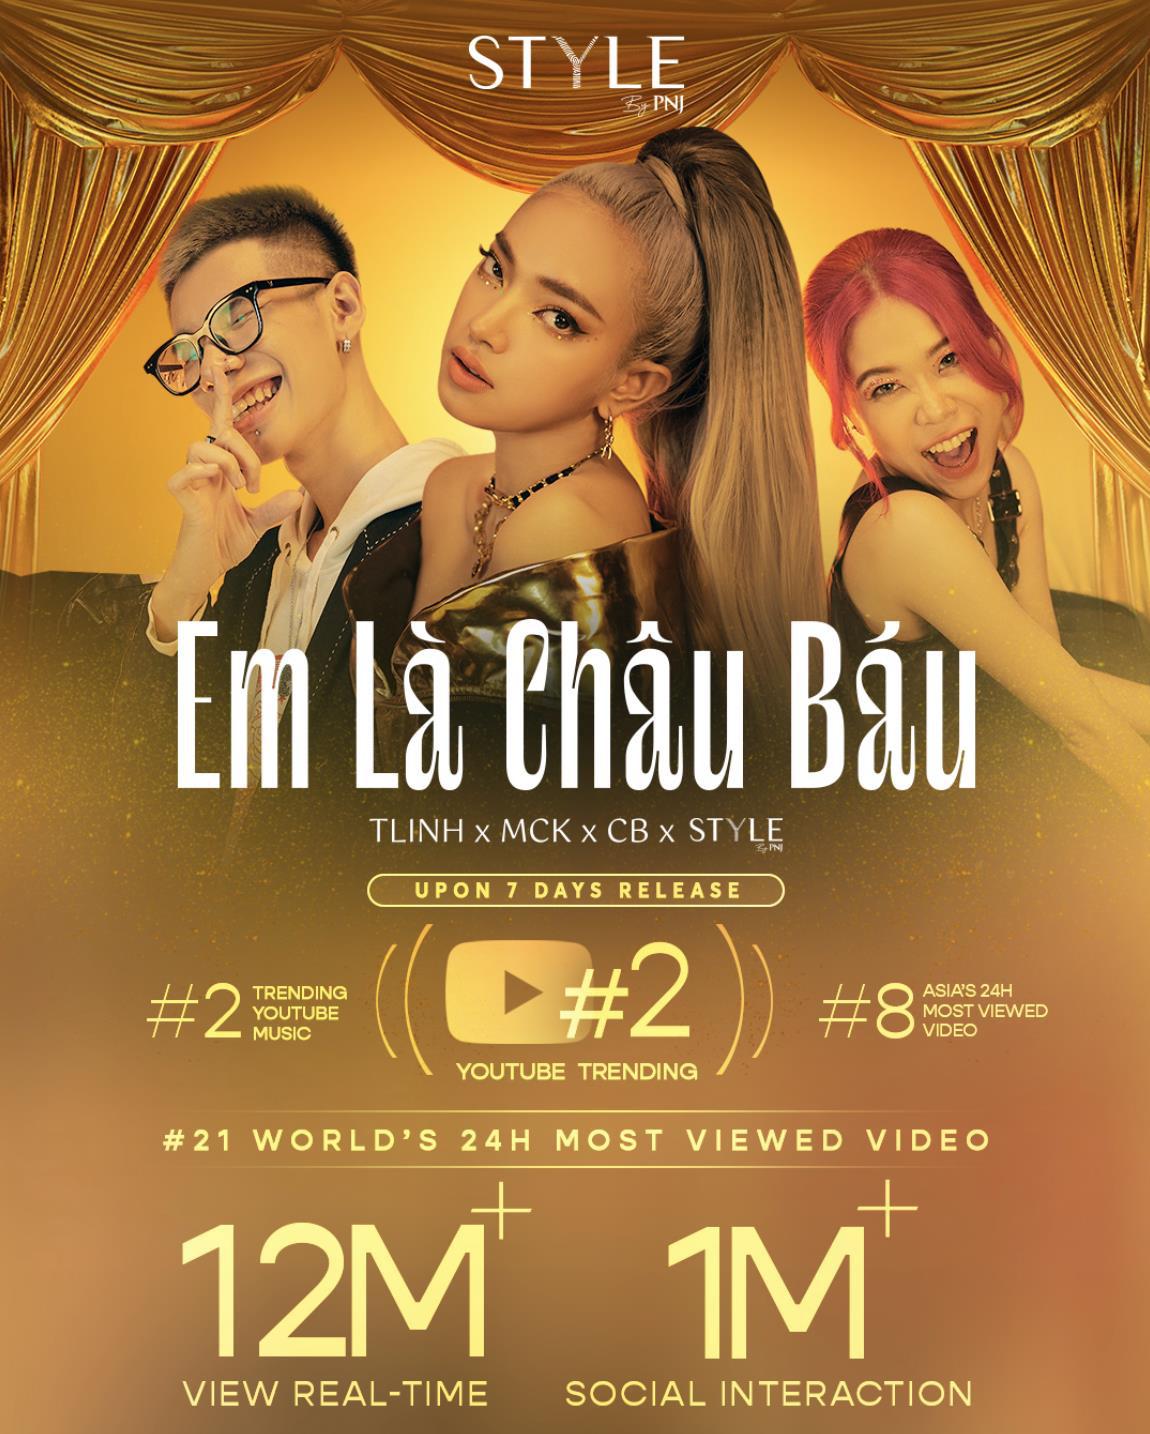 MV đầu tay đã phá đảo Top 2 Trending, Châu Bùi có màn debut hoàn hảo không ngờ - Ảnh 2.